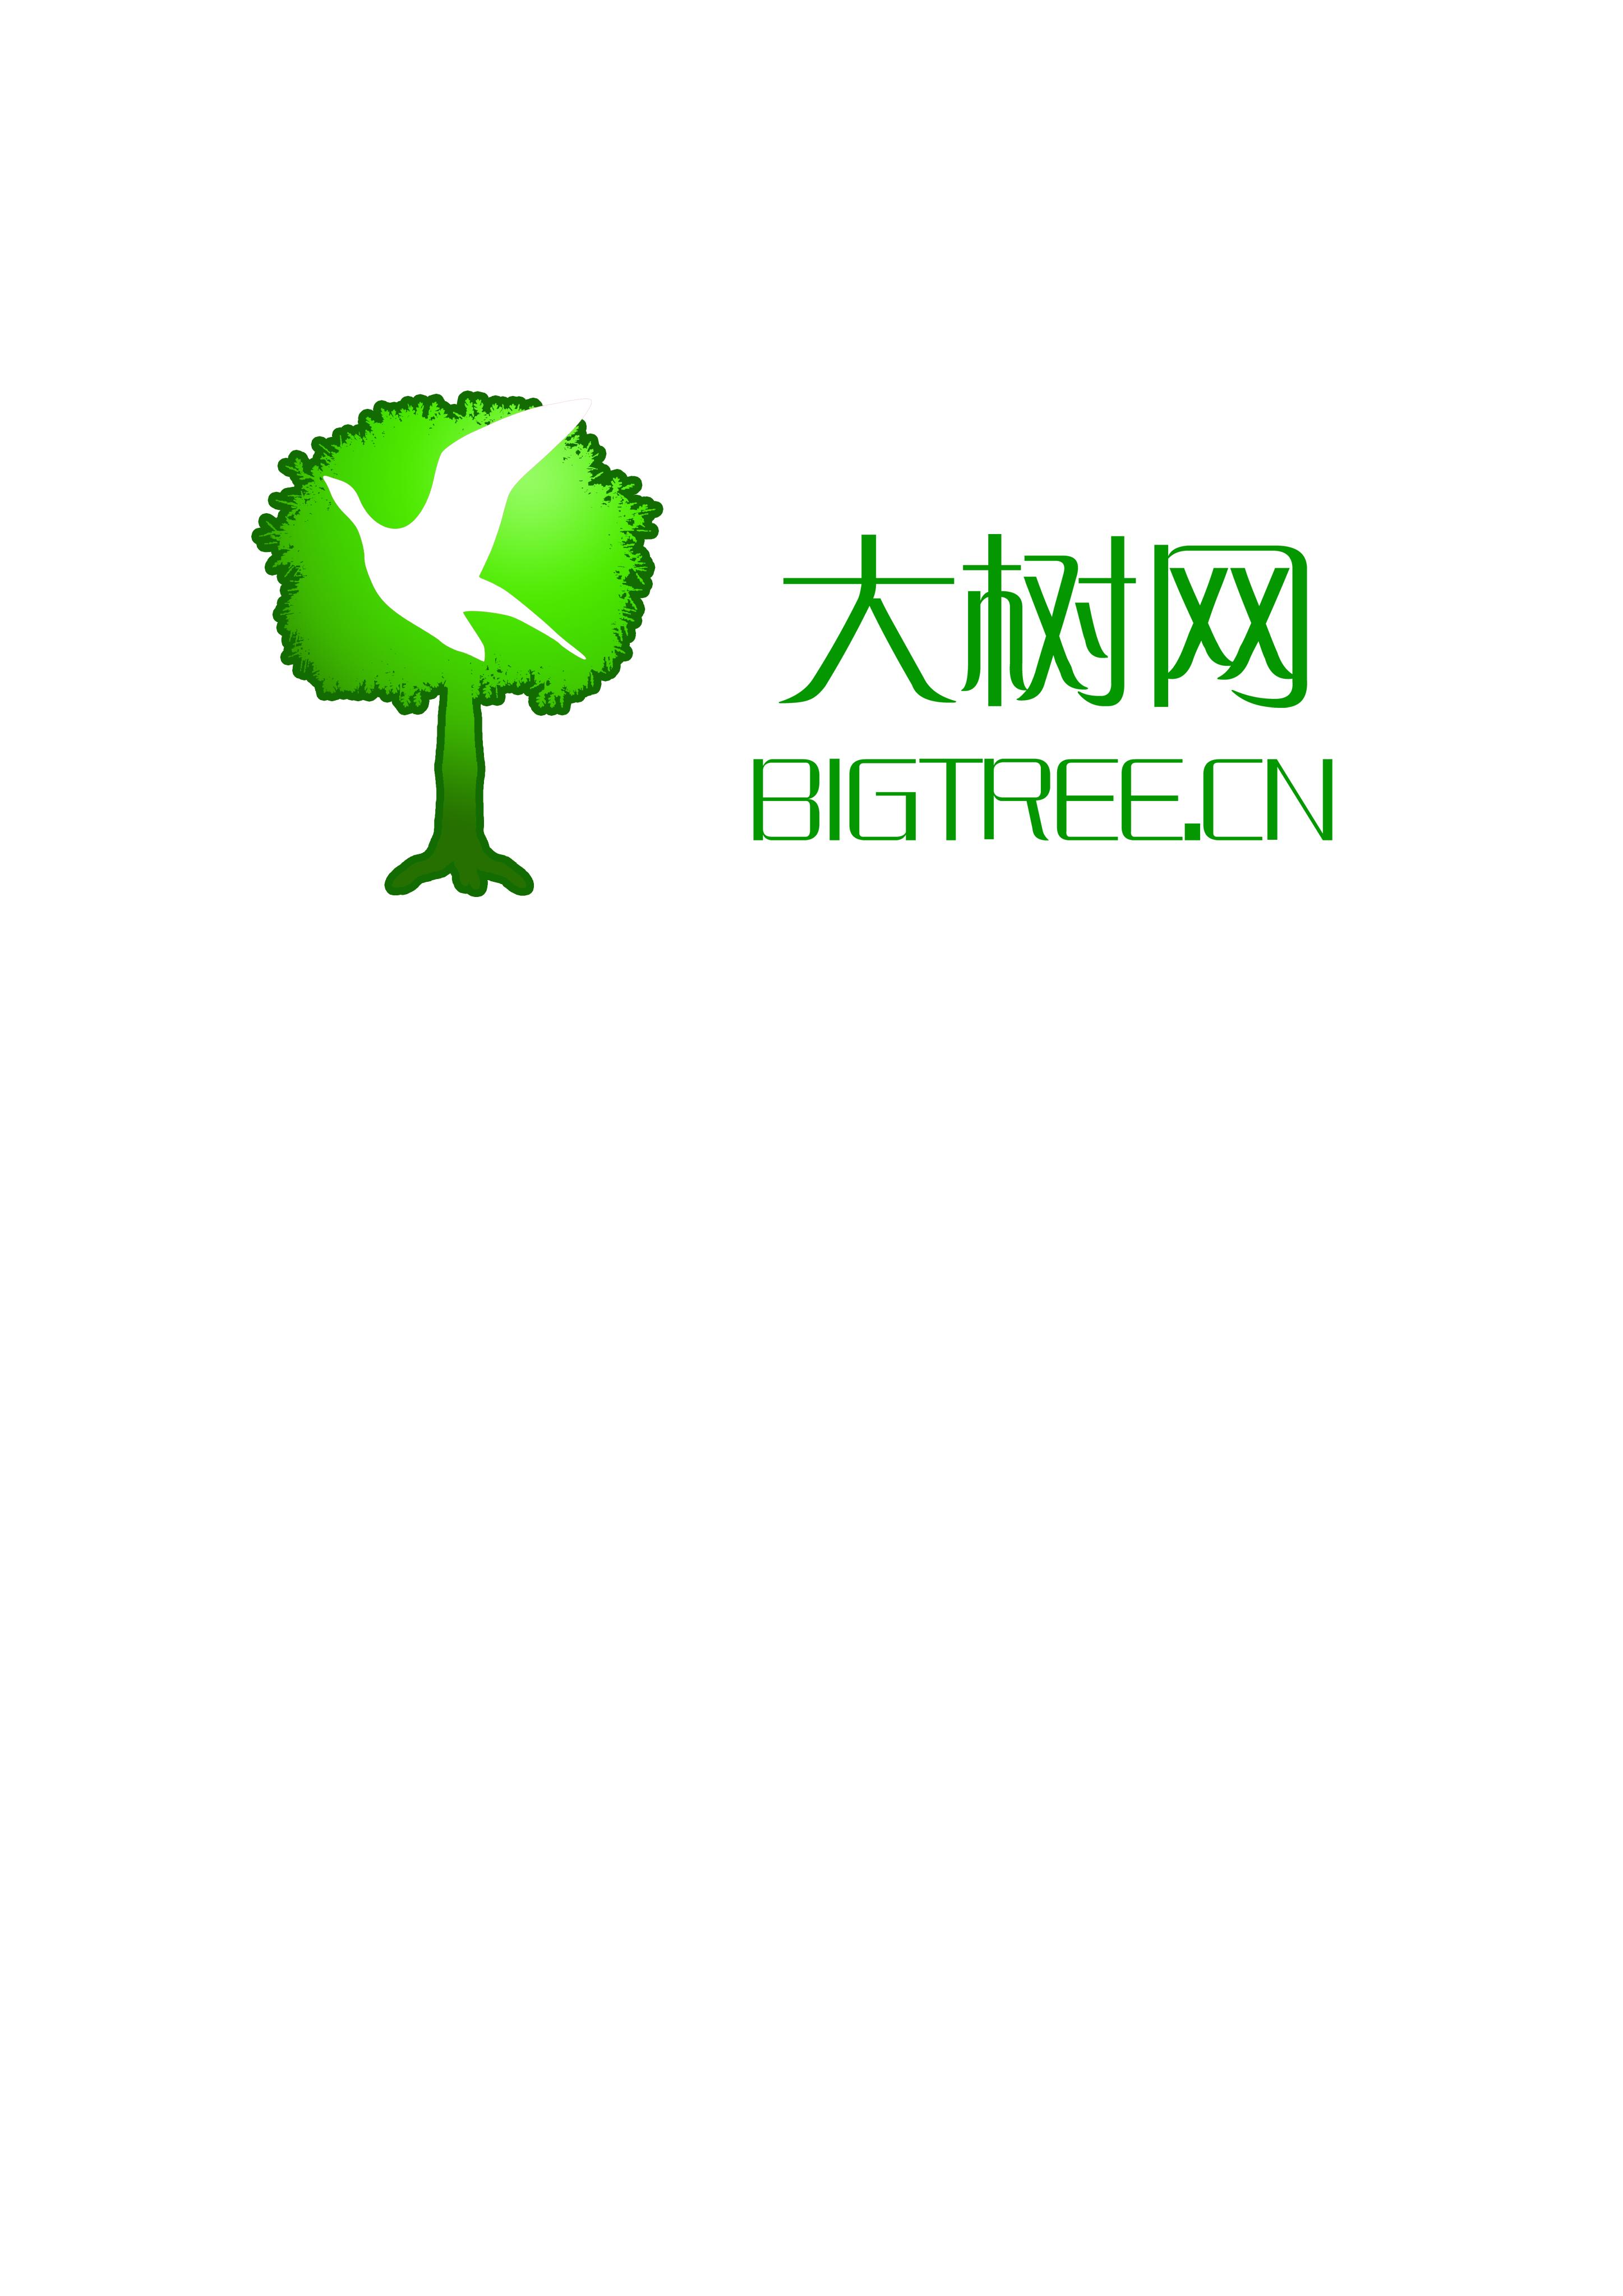 大树网dashu.cn新版logo设计